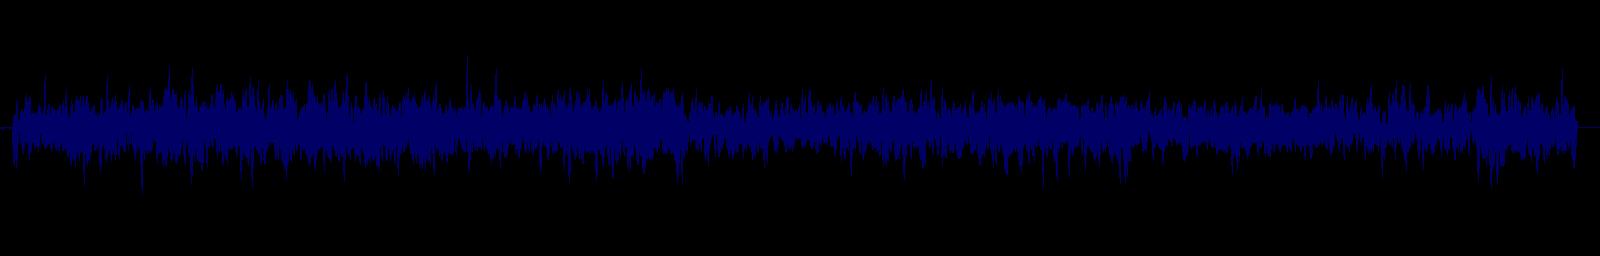 waveform of track #117260